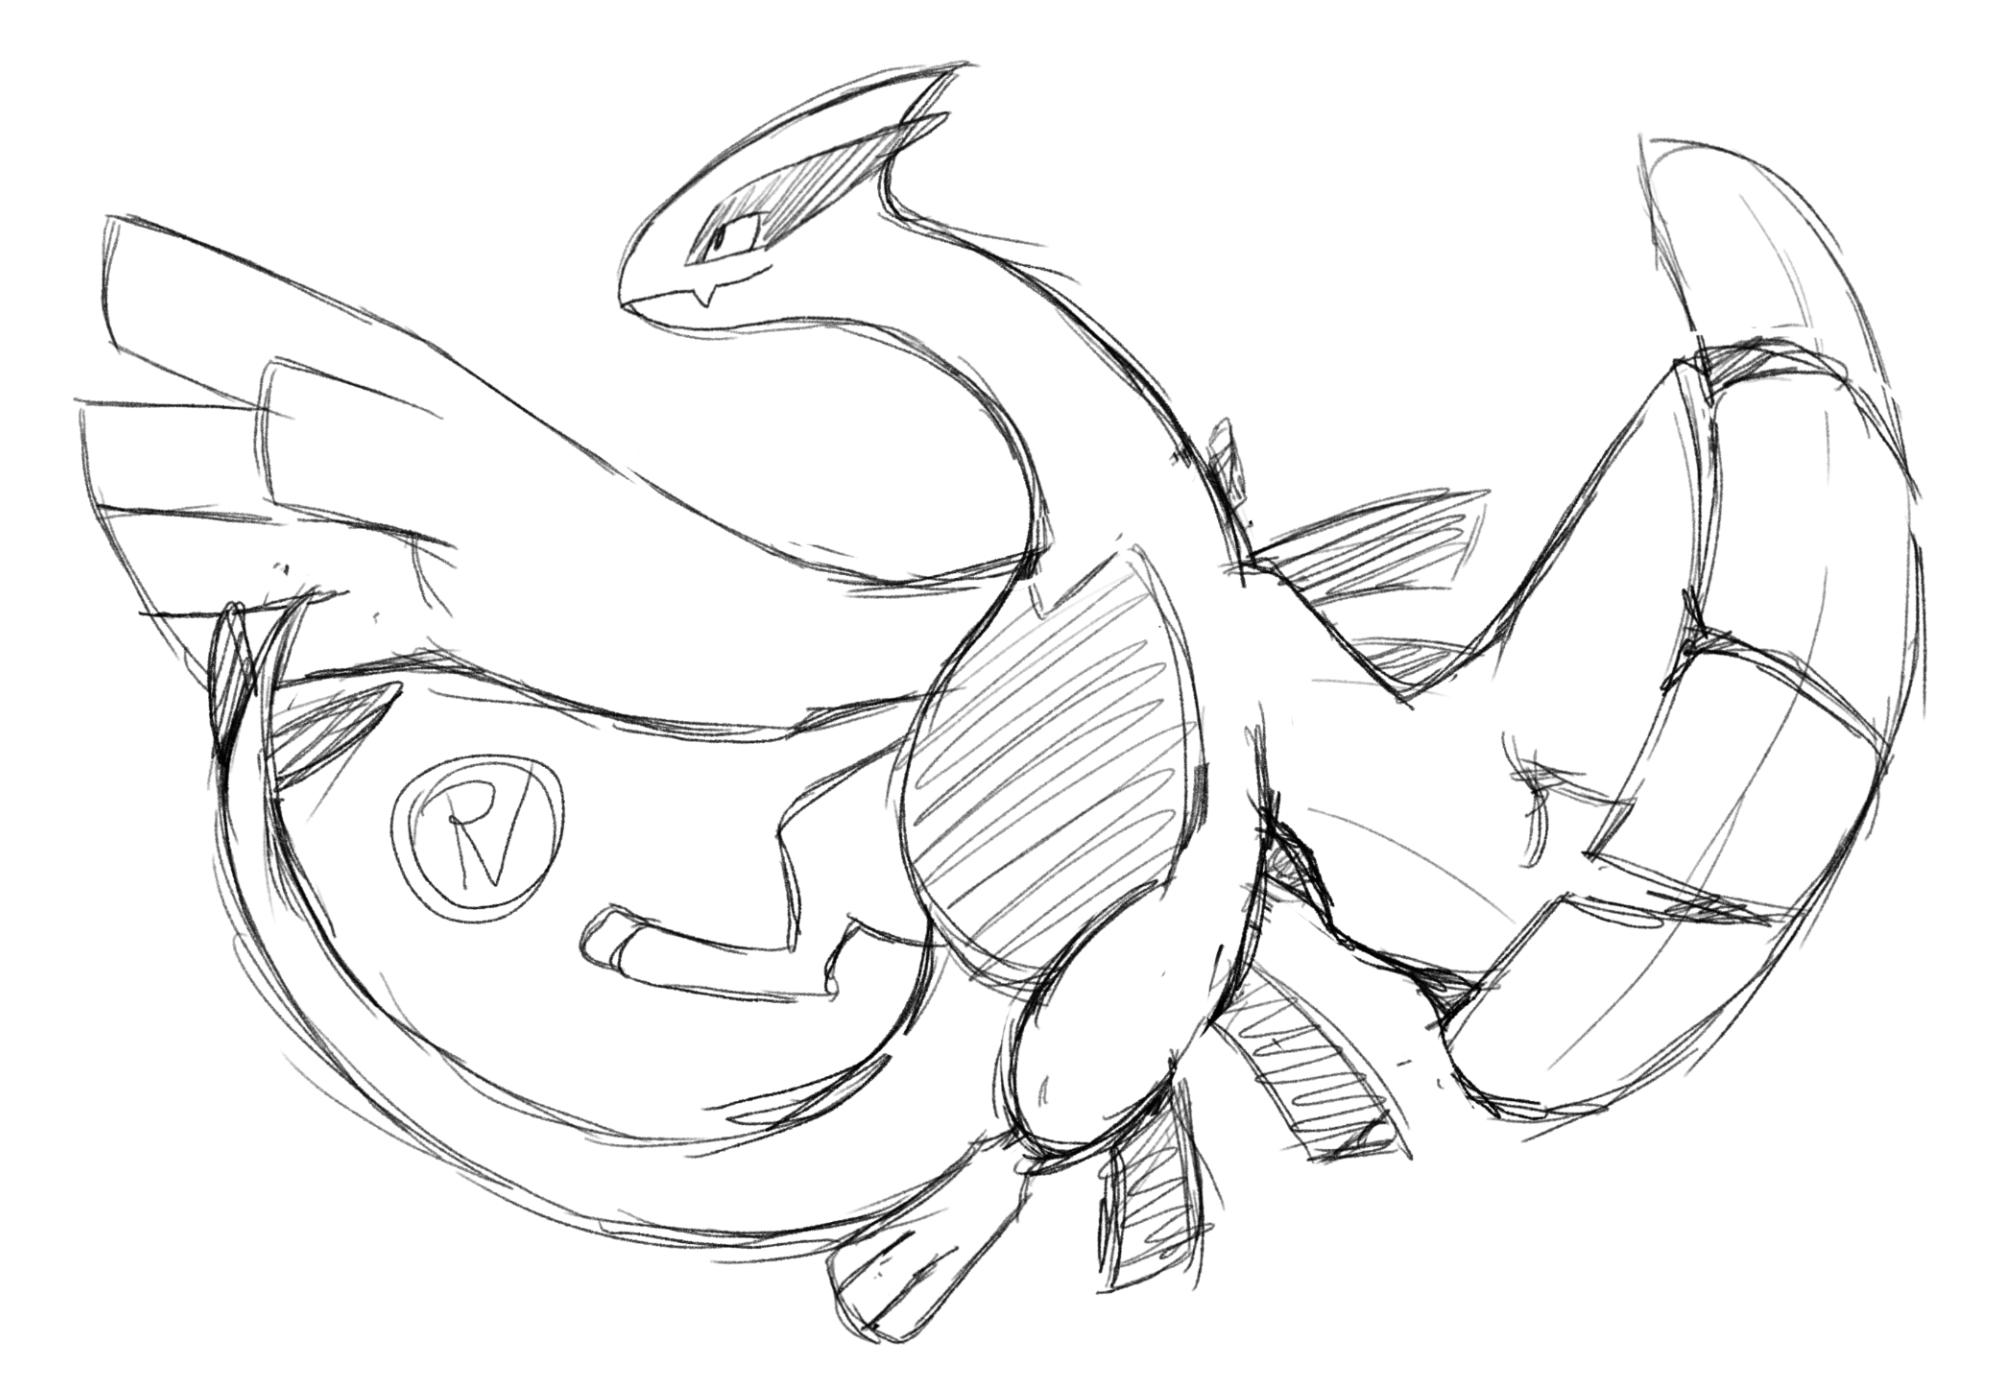 Pokémon-Zeichnung: Lugia Sketch